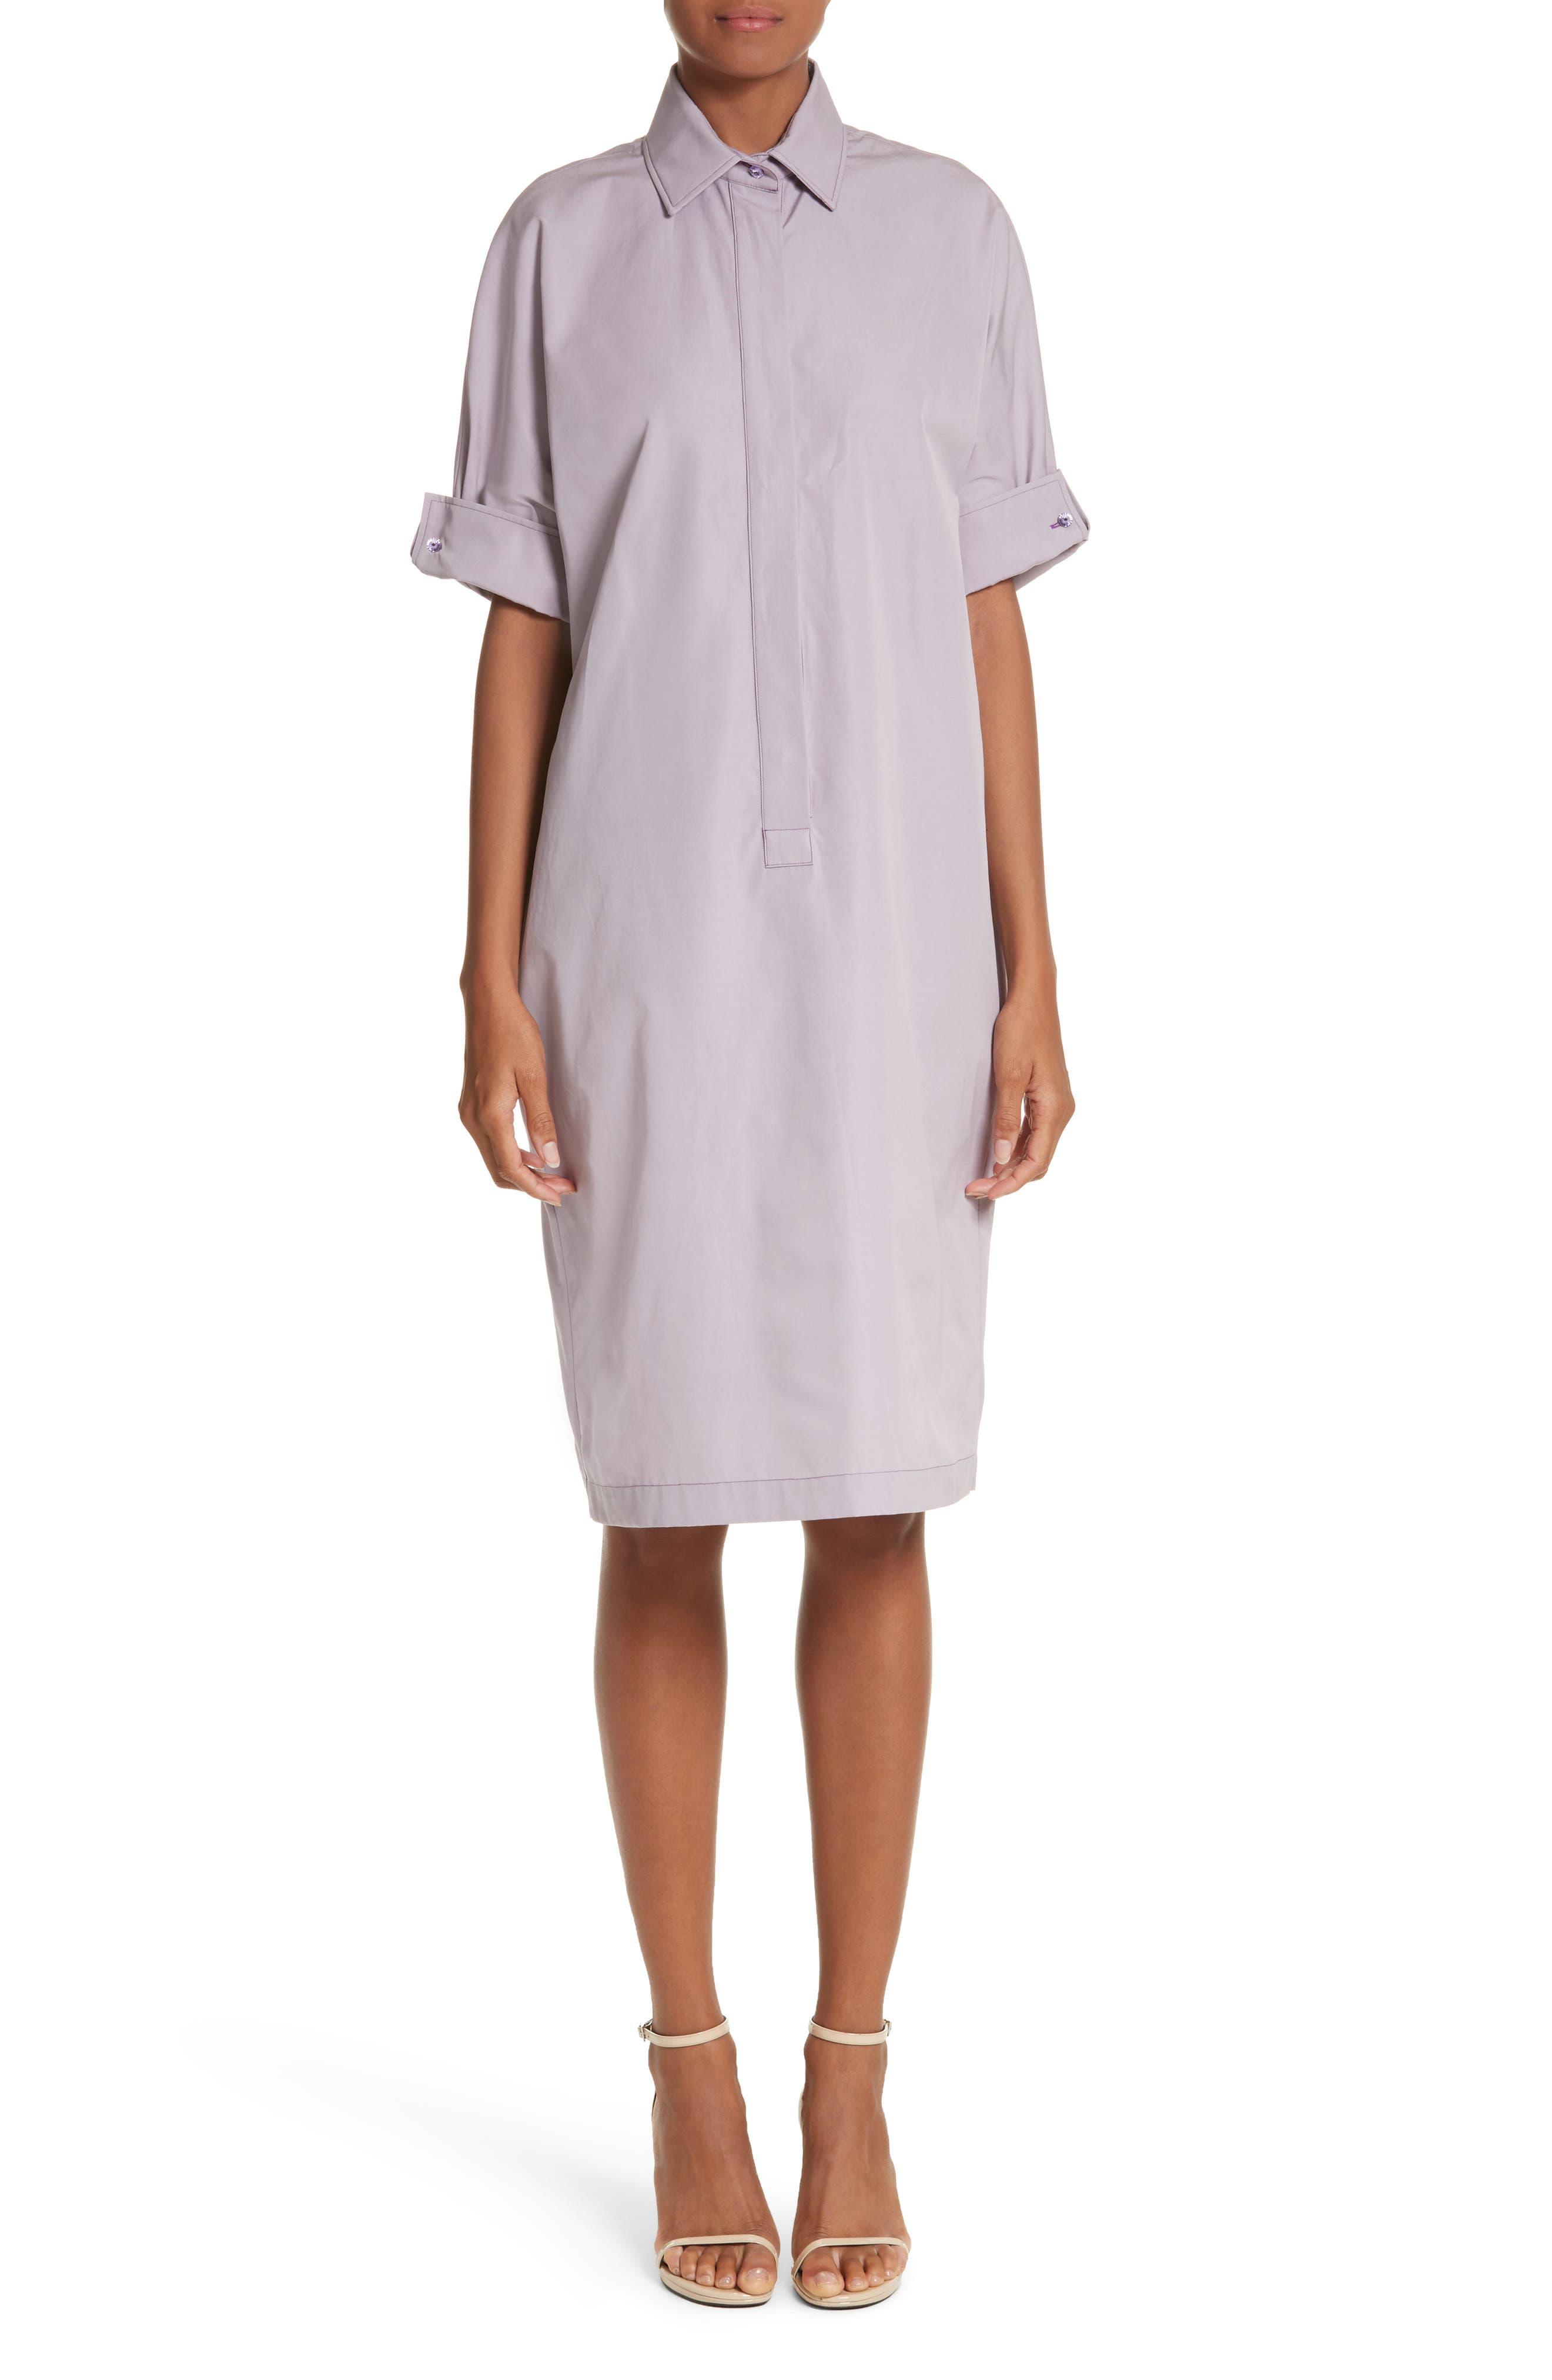 Alternate Image 1 Selected - Max Mara Baccano Cotton Shirtdress